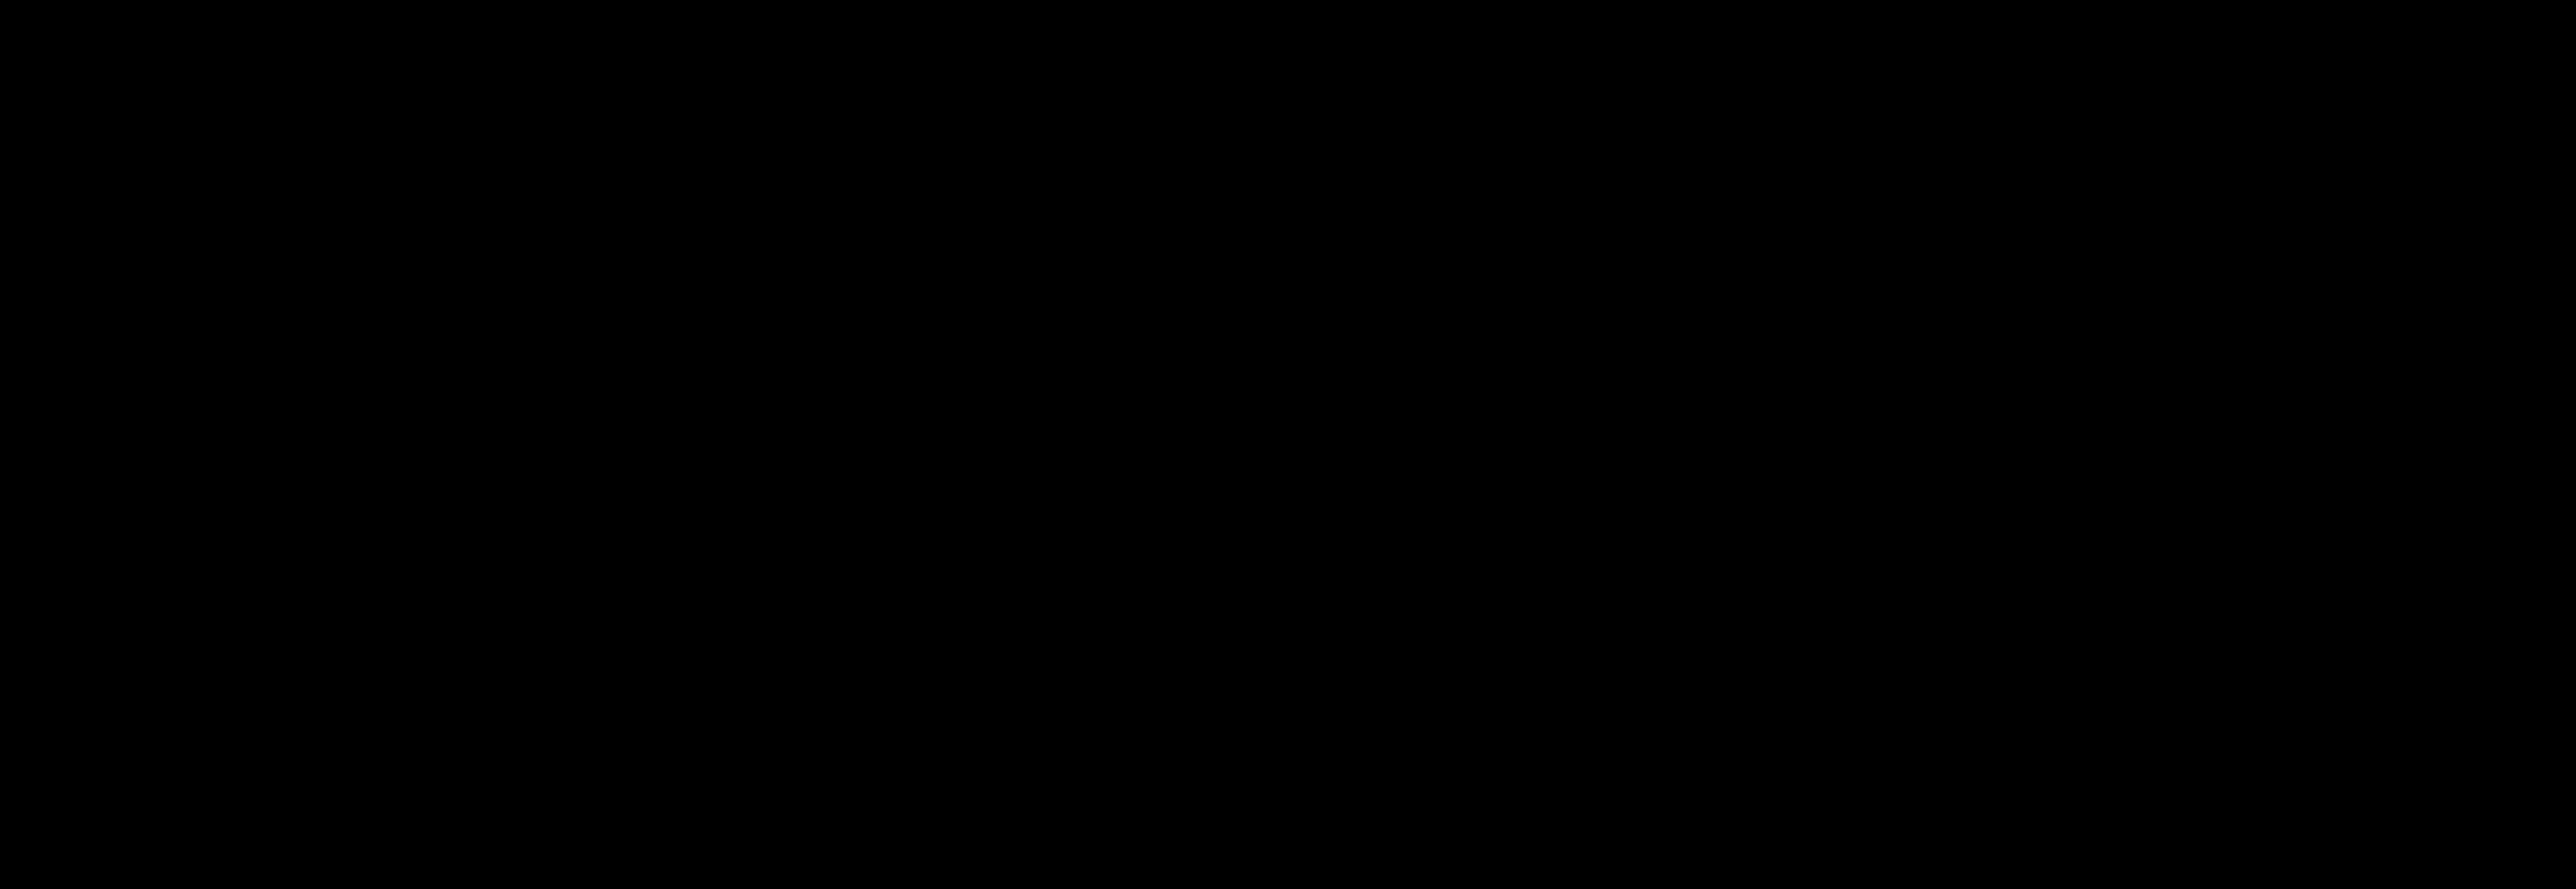 logo-g-click-horizontal-preto